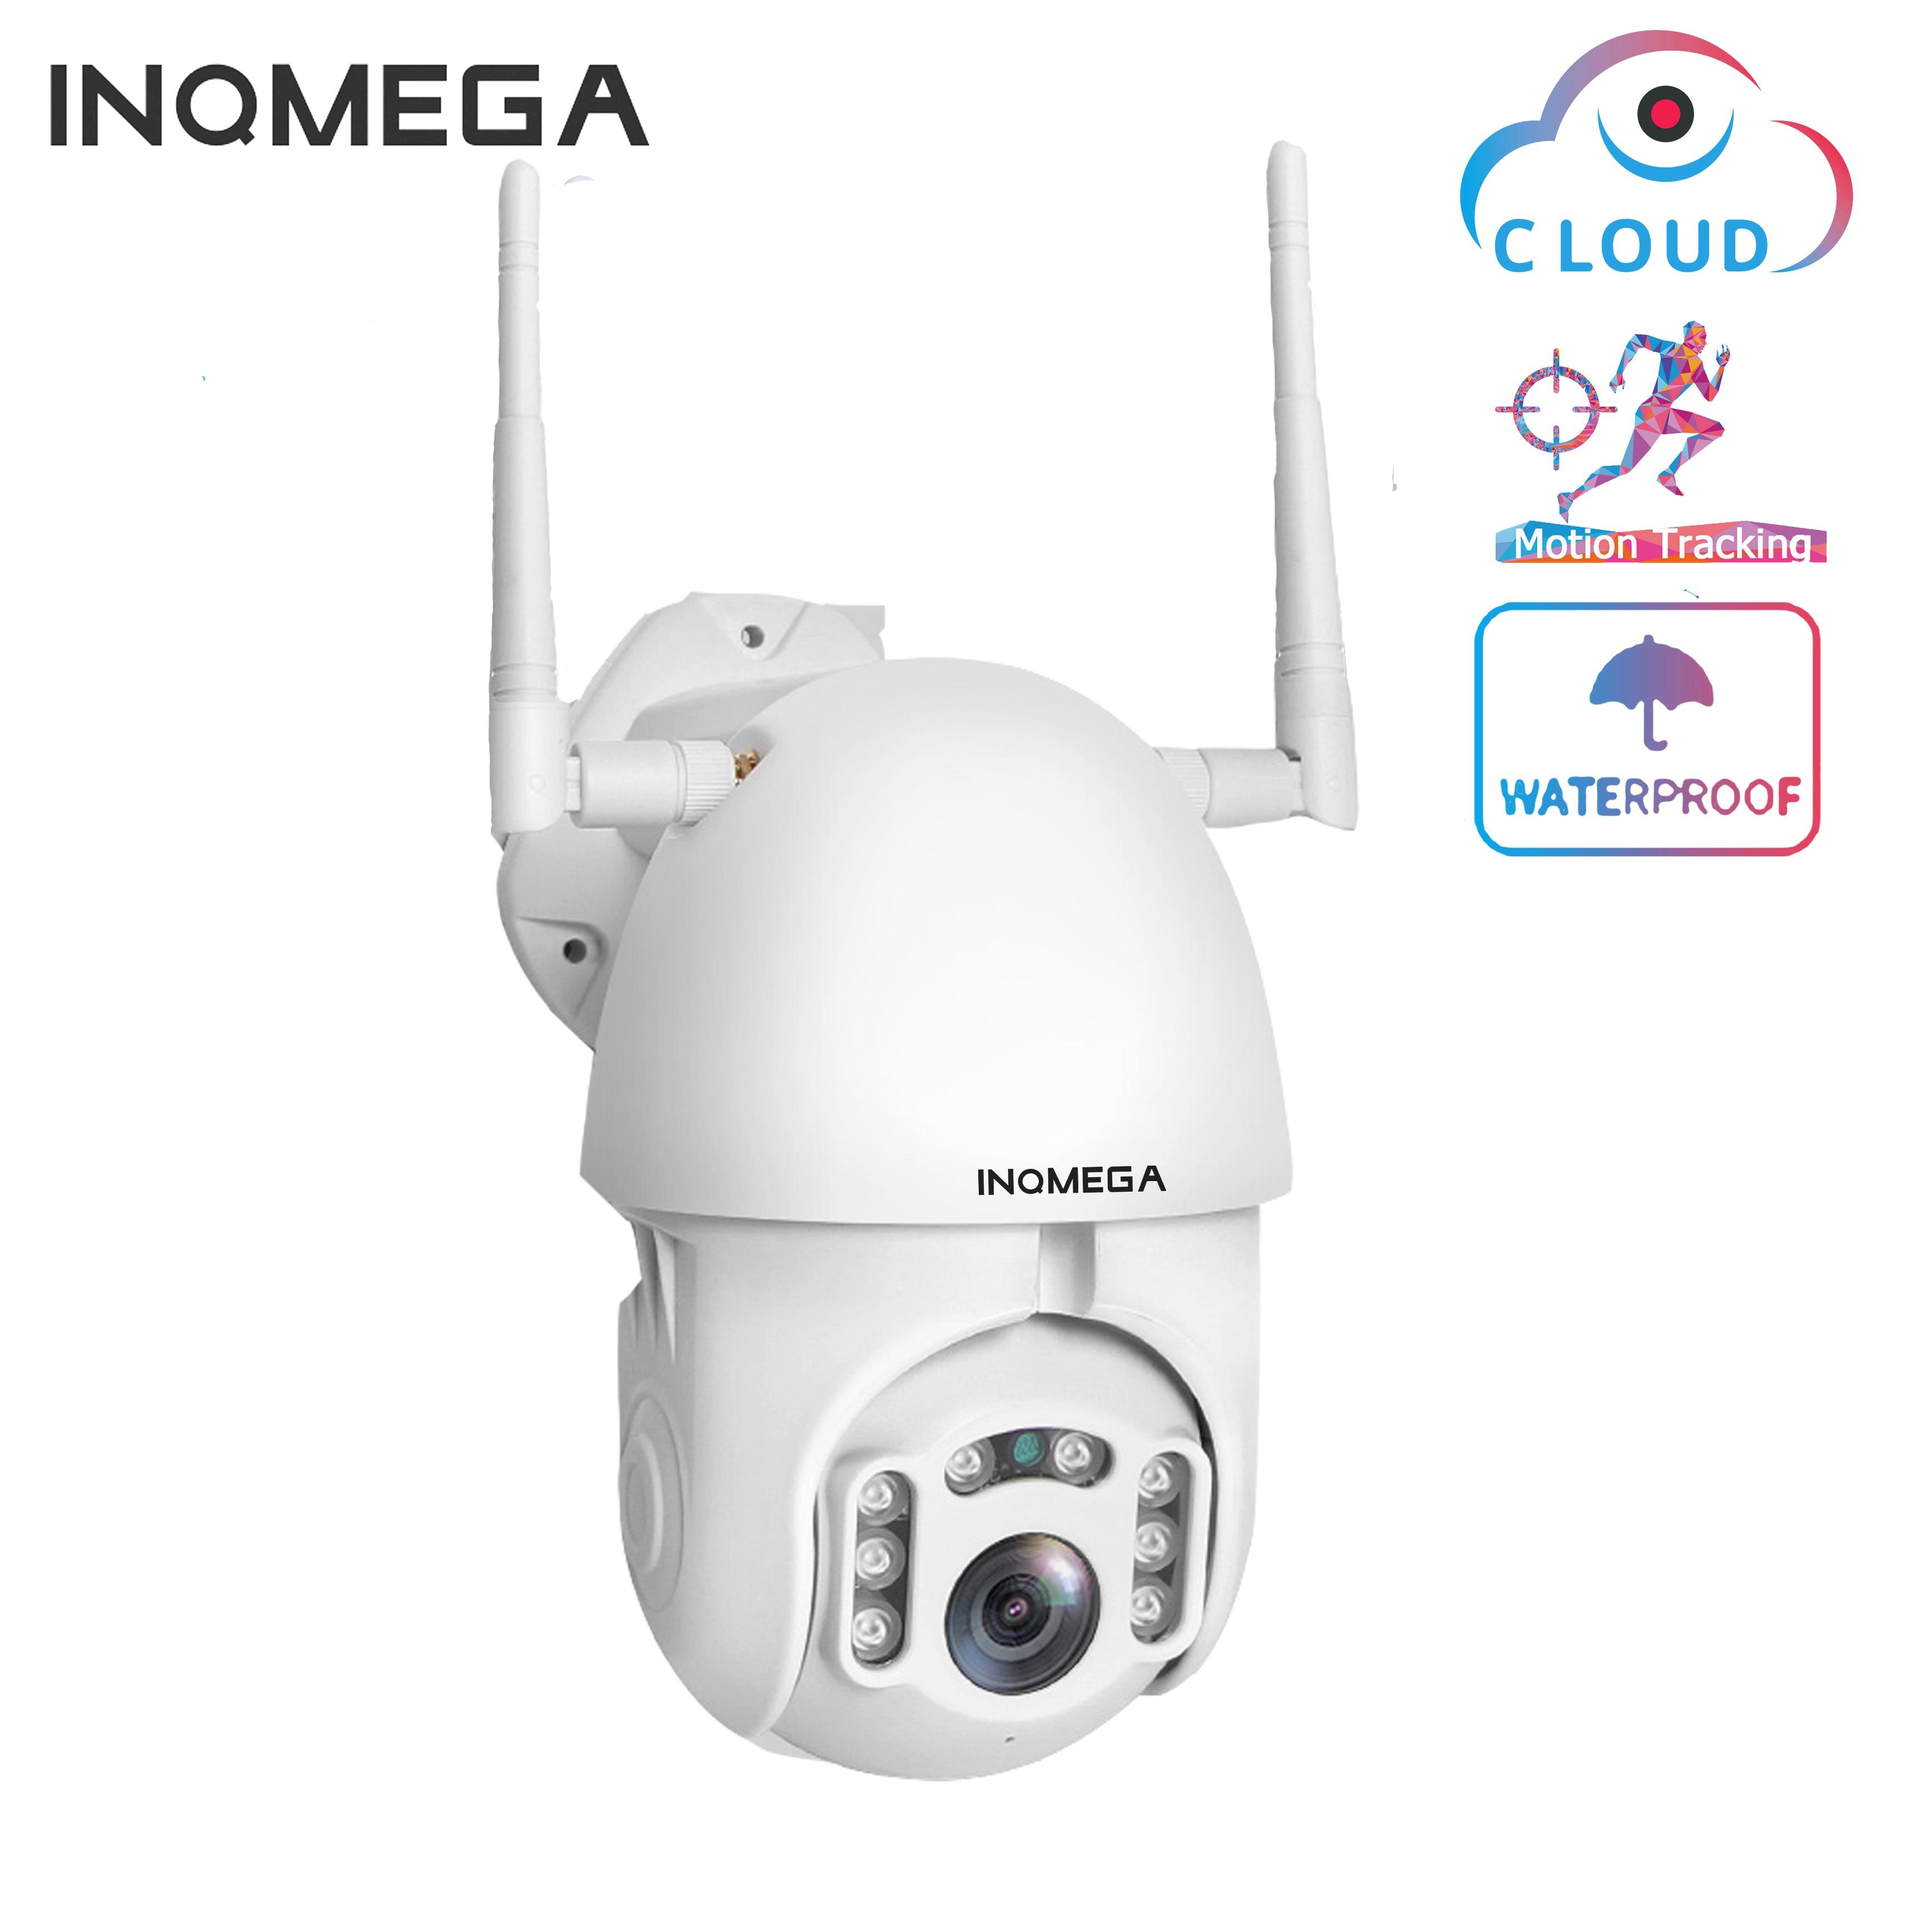 Inqmega 1080 p câmera ip wi fi sem fio de rastreamento automático ptz velocidade dome câmera ao ar livre cctv segurança vigilância câmera à prova dwaterproof água